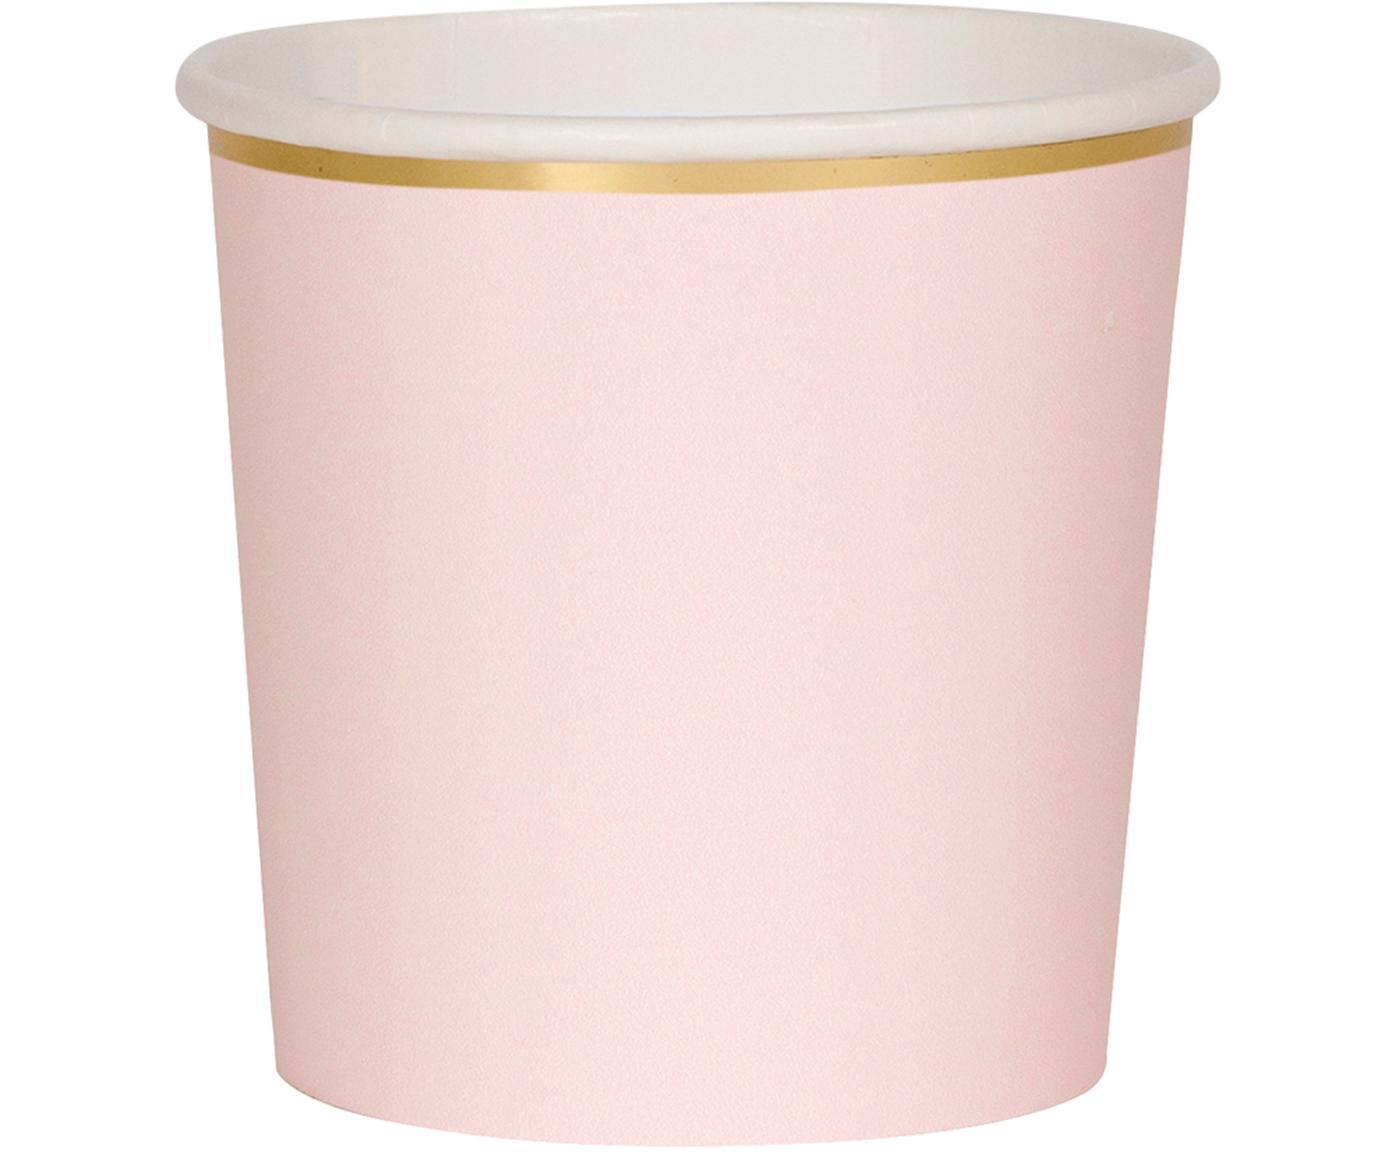 Tazza senza manico di carta Simply Eco, 8 pz., Carta, sventati, Rosa, Ø 8 x Alt. 8 cm